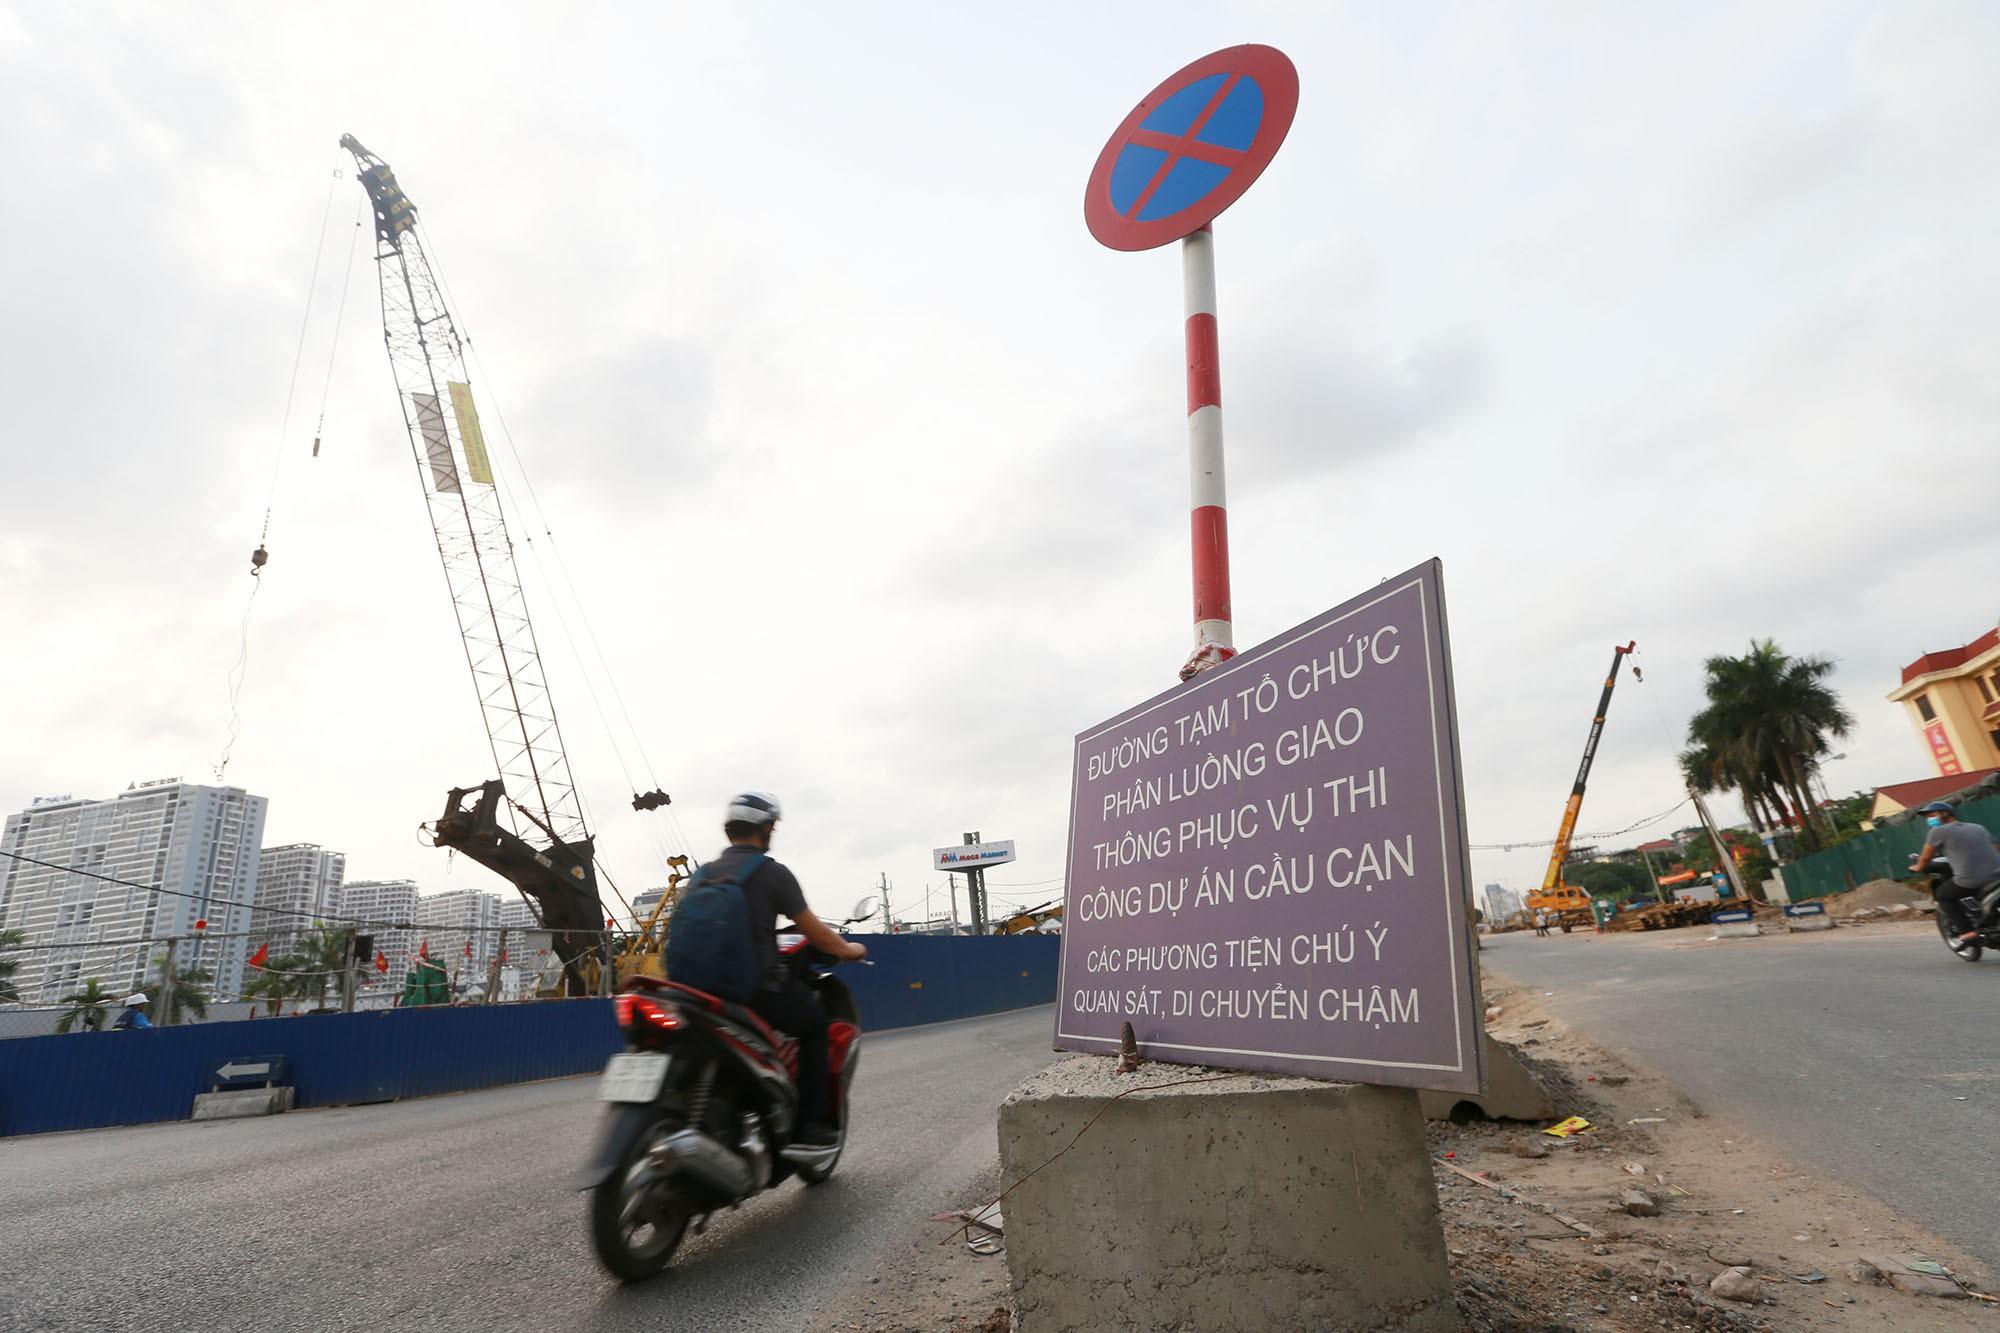 Hà Nội: Đường Phạm Văn Đồng vẫn ngổn ngang hơn 1 năm thi công dự án cao tốc trên cao - Ảnh 2.